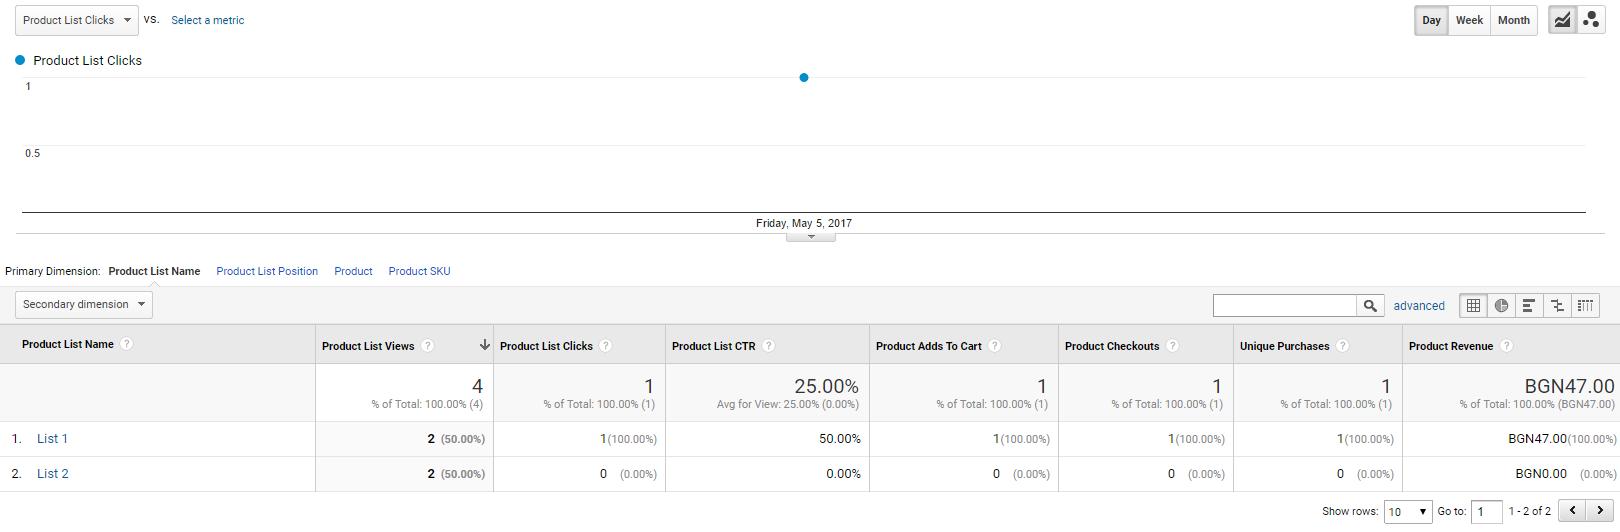 В отчета «Ефективност на списъка с продукти» се съдържат данни за това, към кой списък принадлежат купените продукти